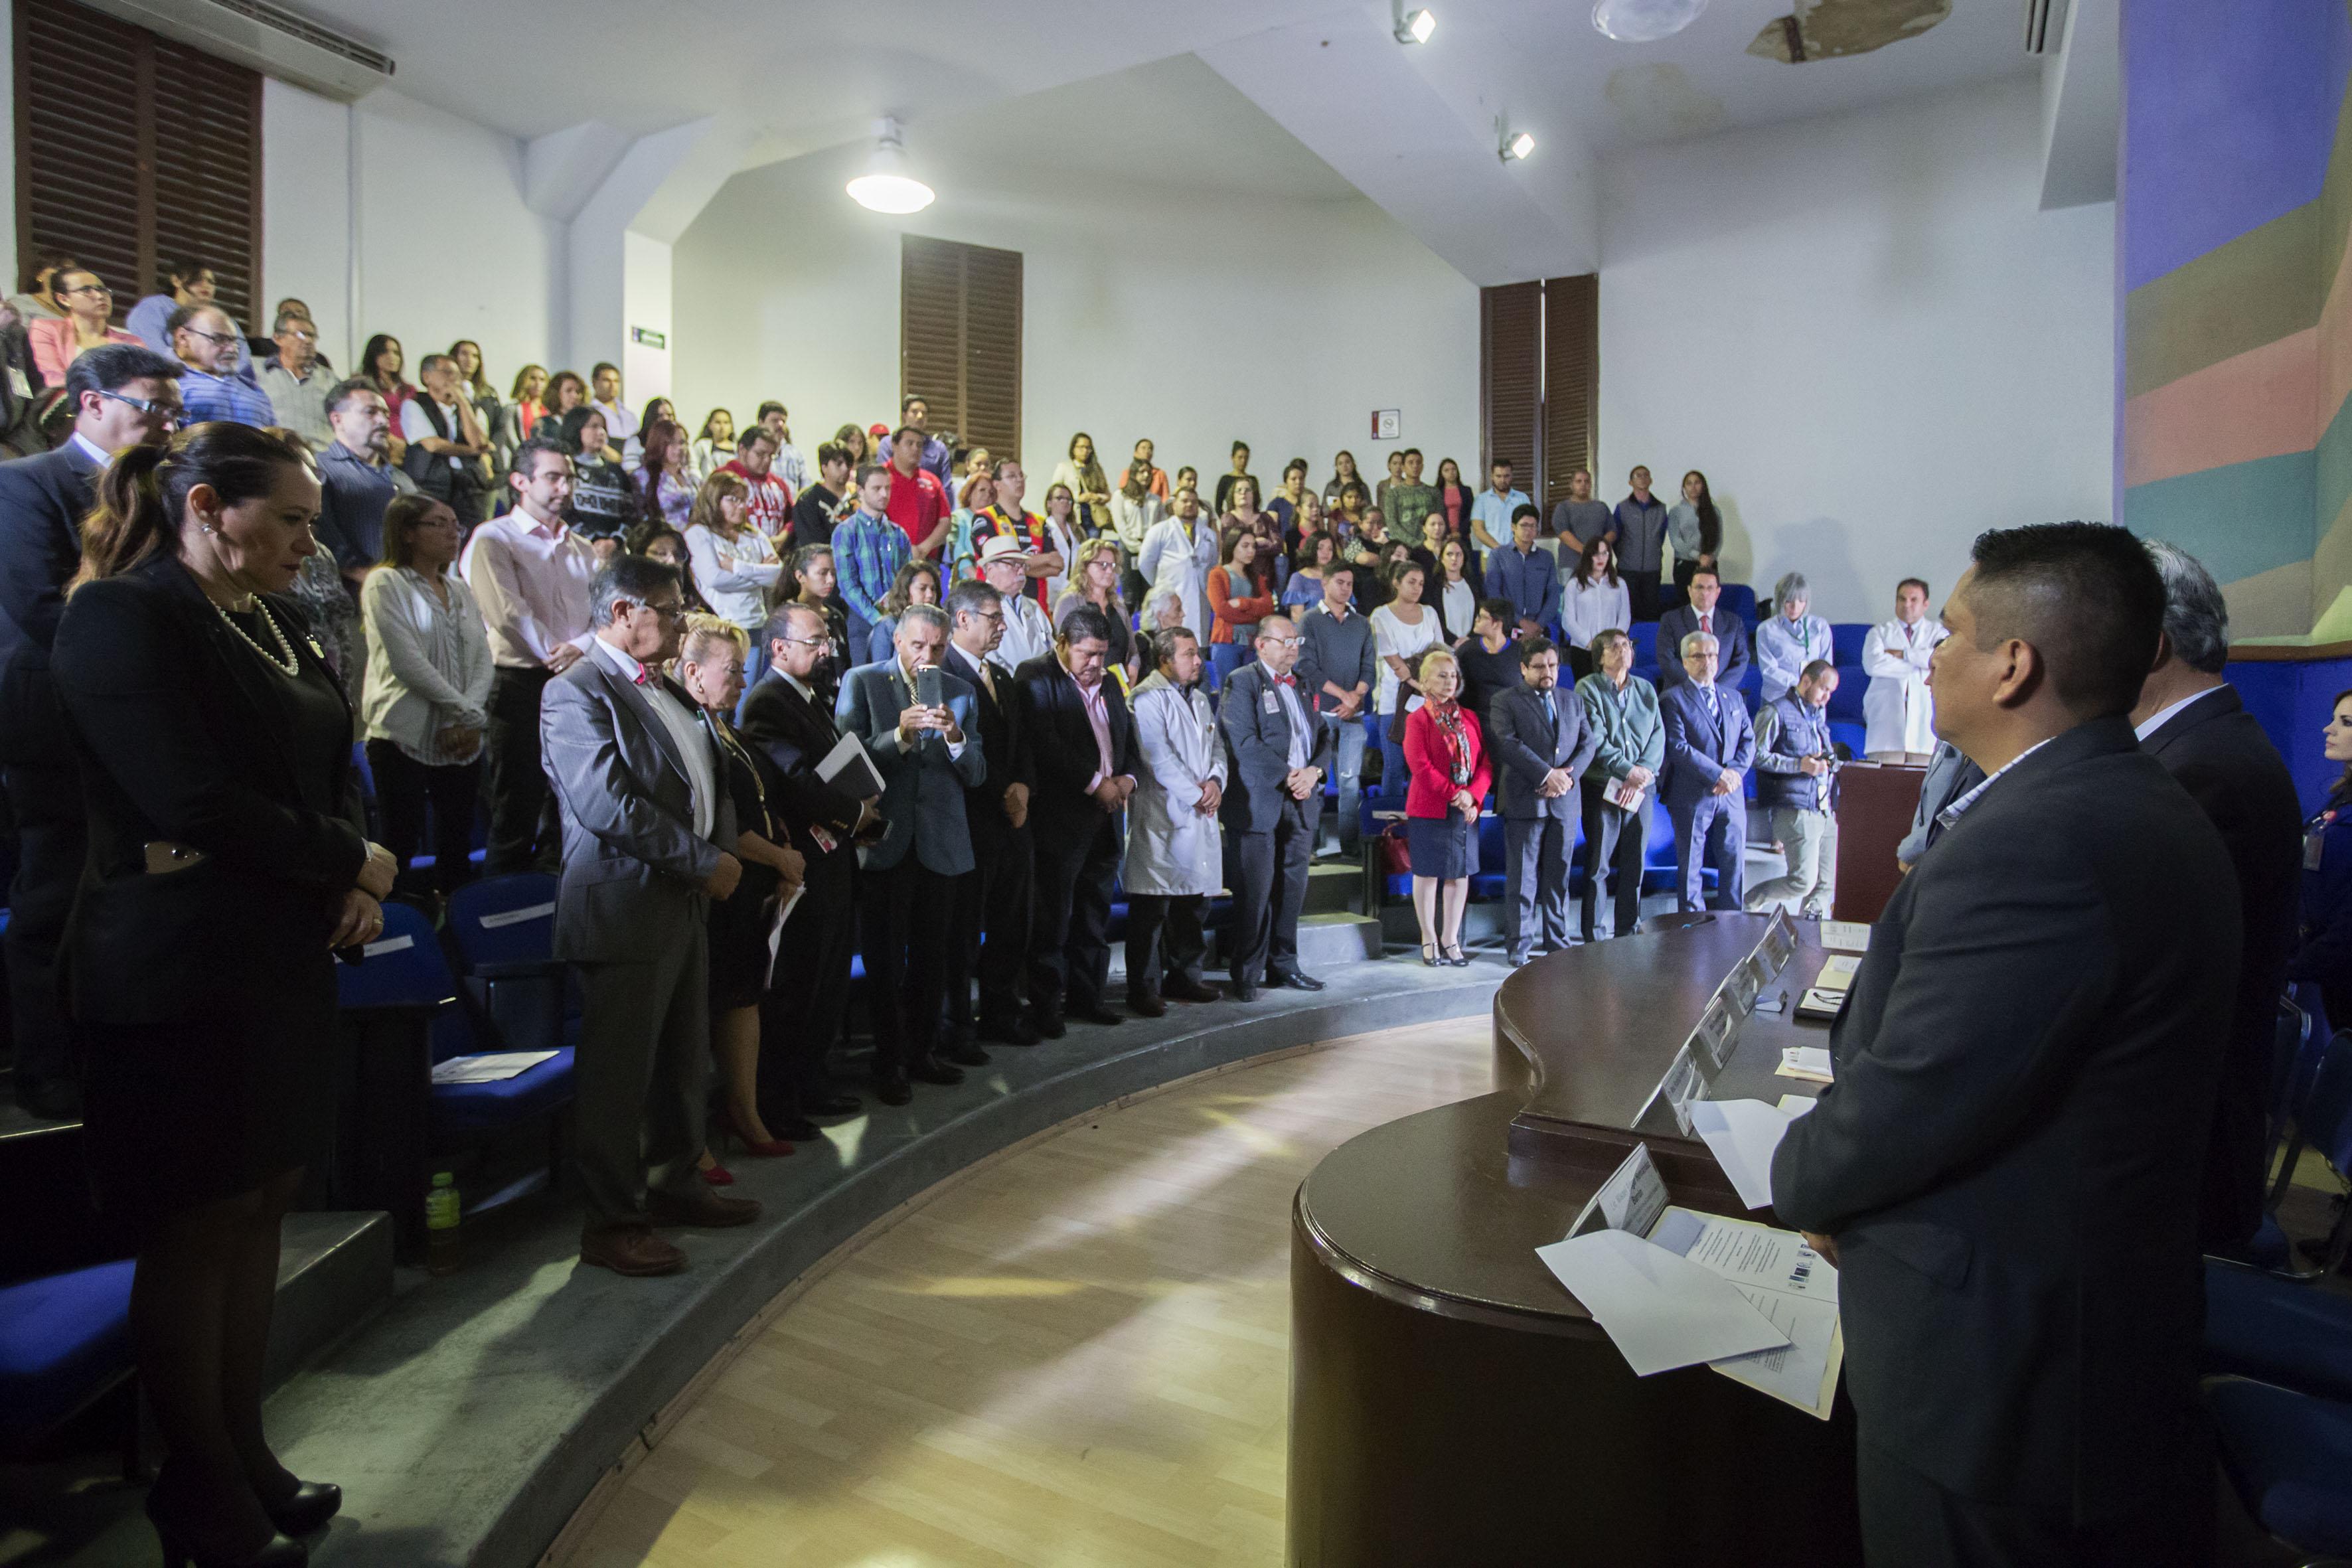 Inauguración del Segundo Simposio Interinstitucional, con motivo del Día Mundial del Alzheimer, en la Antigua Escuela de Medicina.